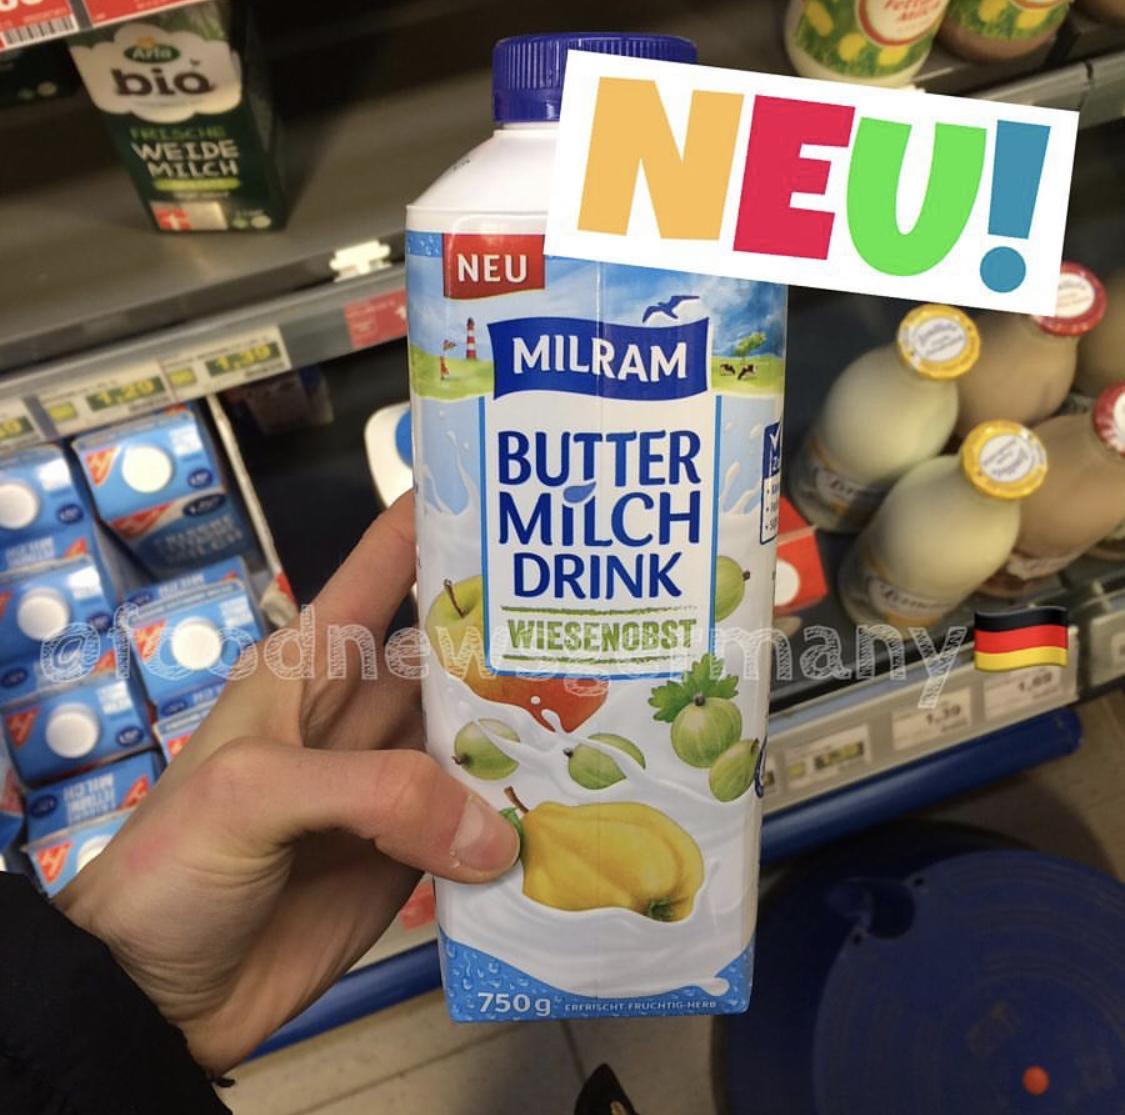 Milram Buttermilch Drink Wiesenobst